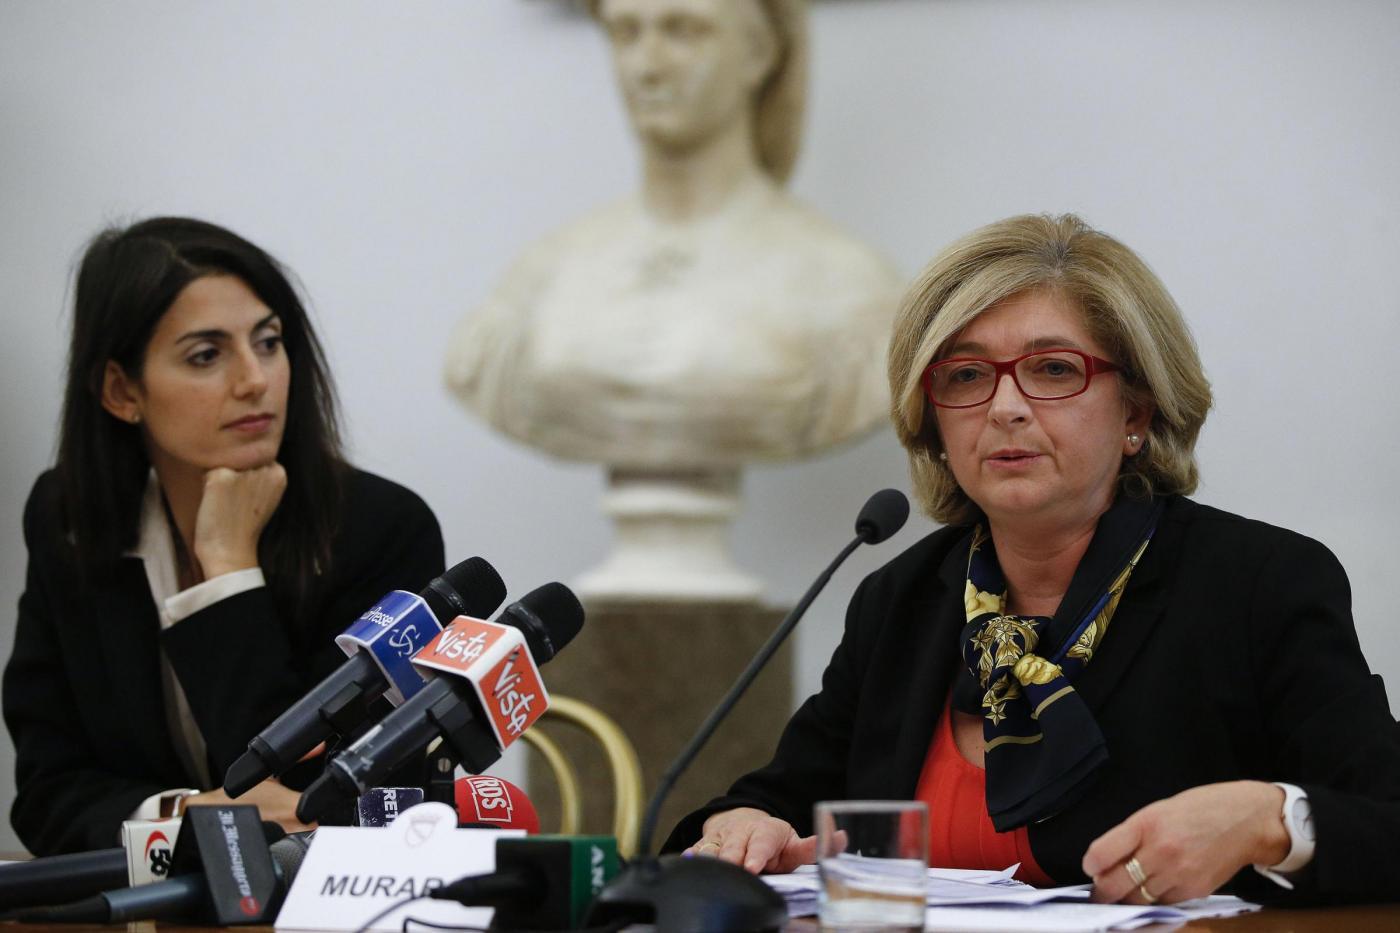 Paola Muraro alla Raggi: «I romani hanno votato te, non Casaleggio»